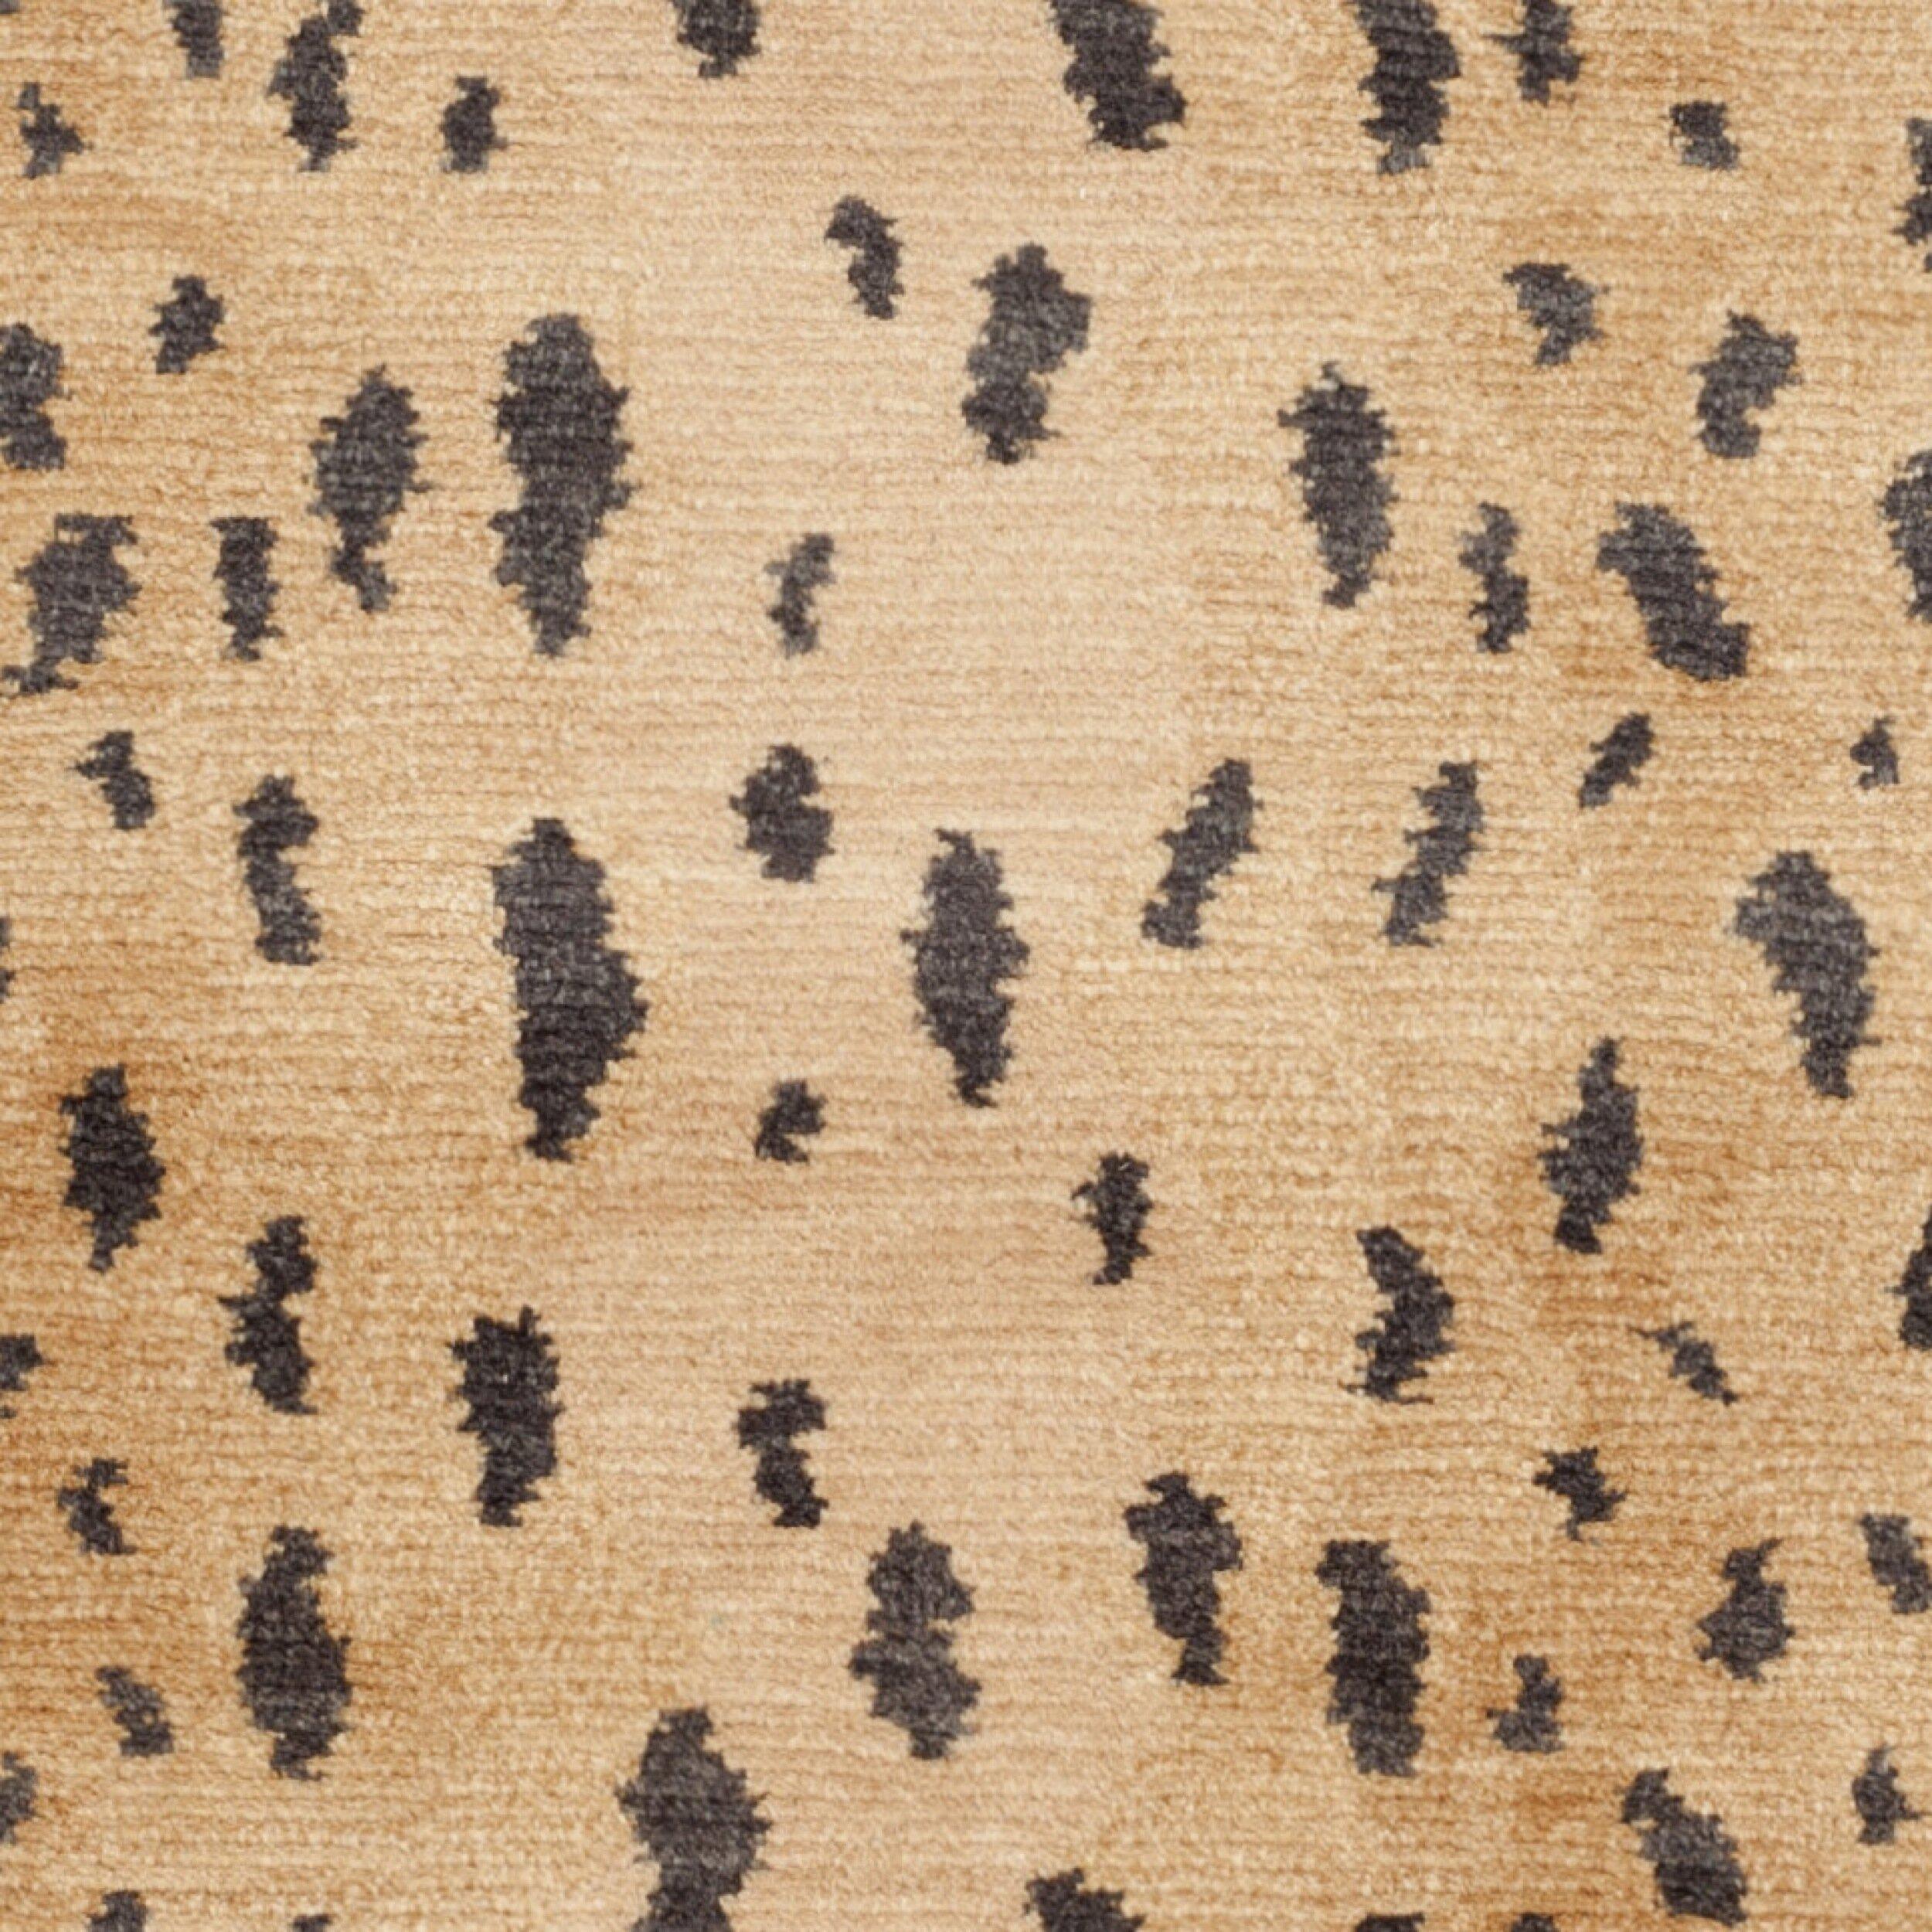 order dubai rugs leopard com sisal rug measure to customized carpetsdubai made